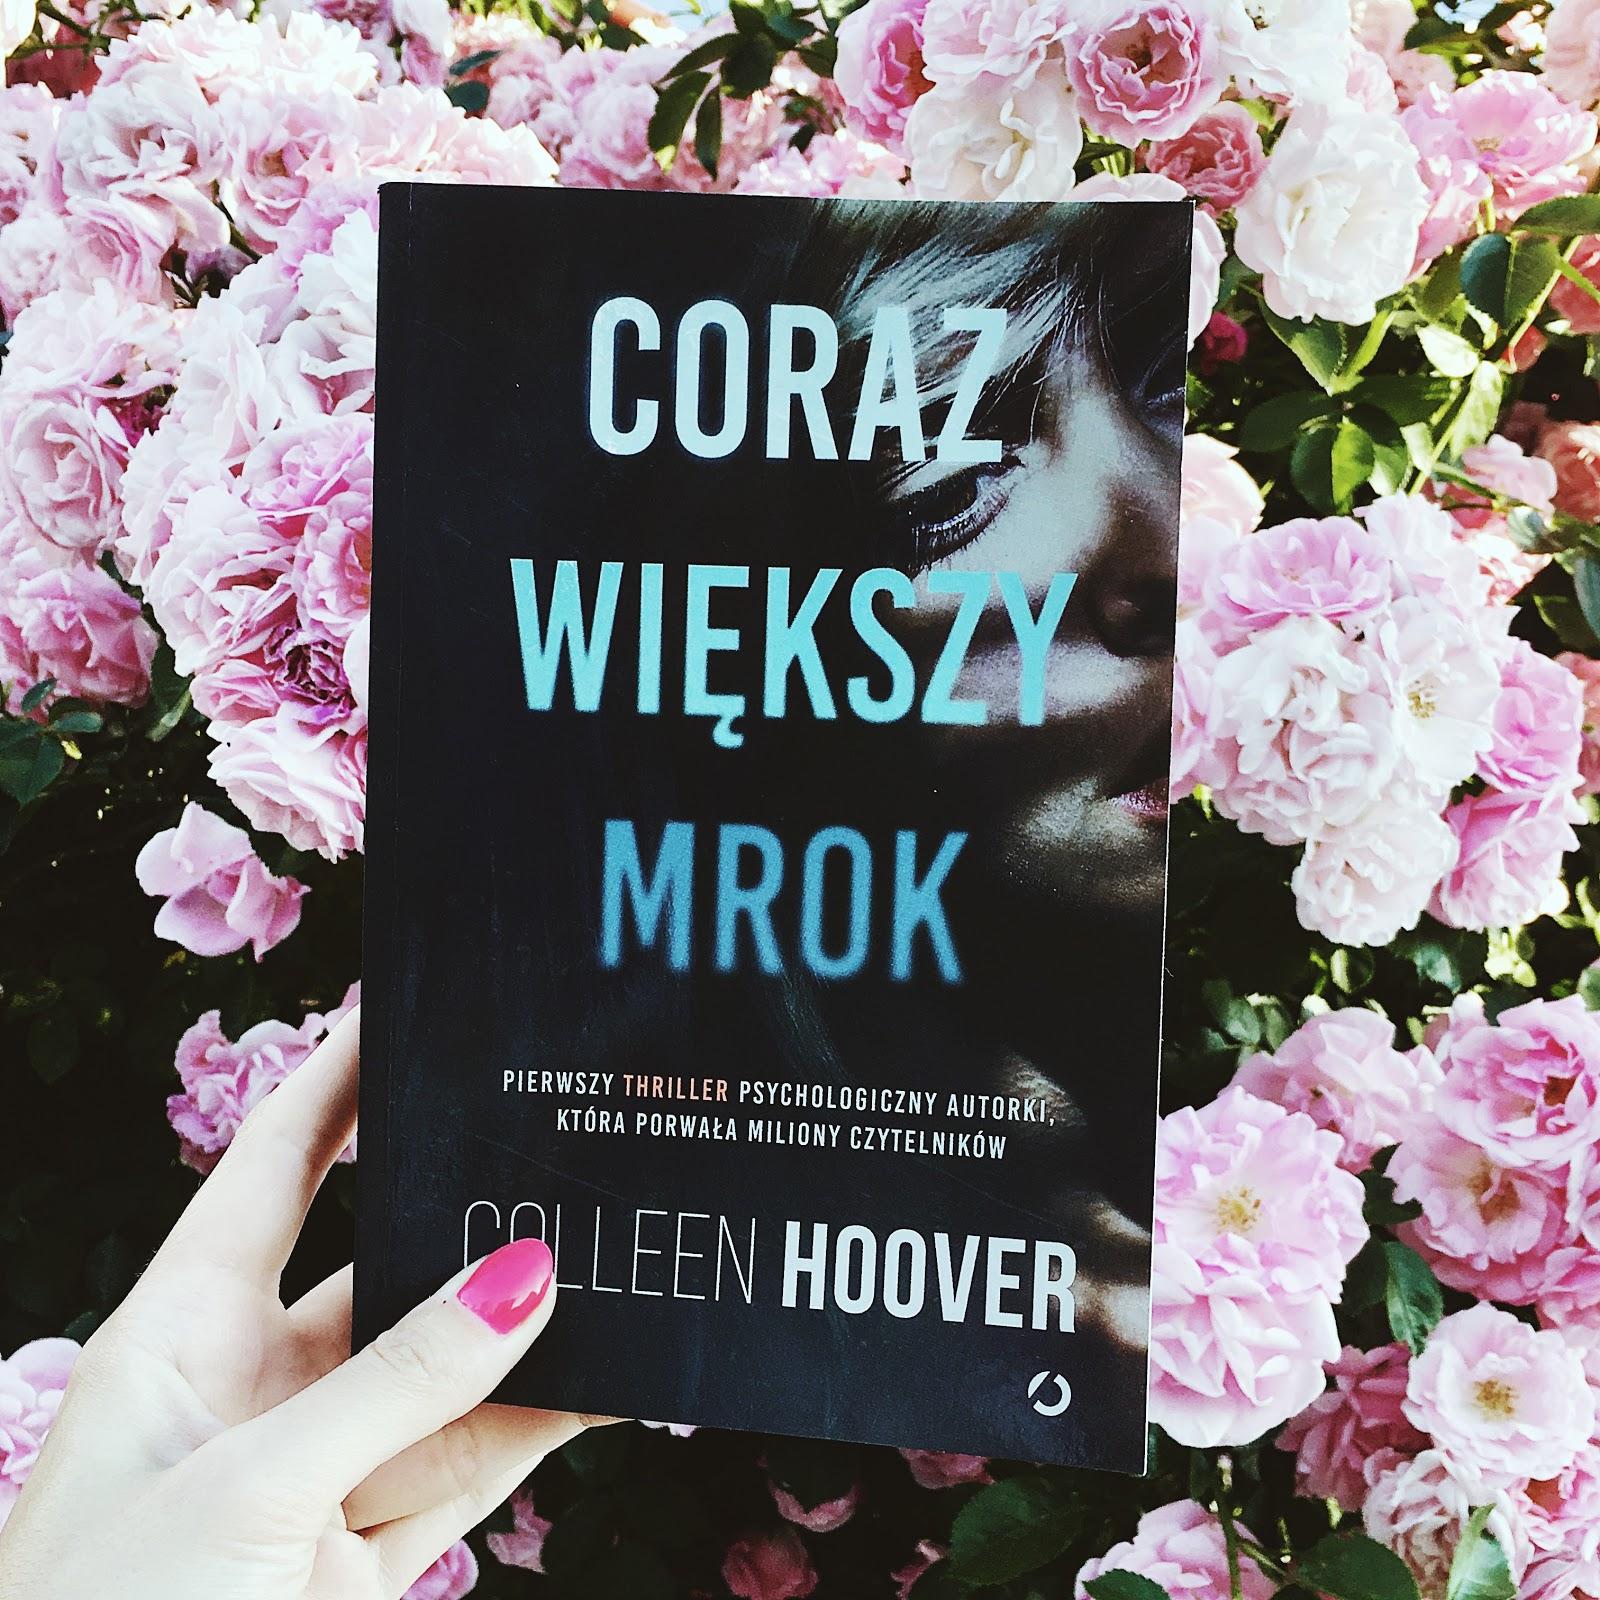 Coraz większy mrok – Colleen Hoover. Piekło umysłu